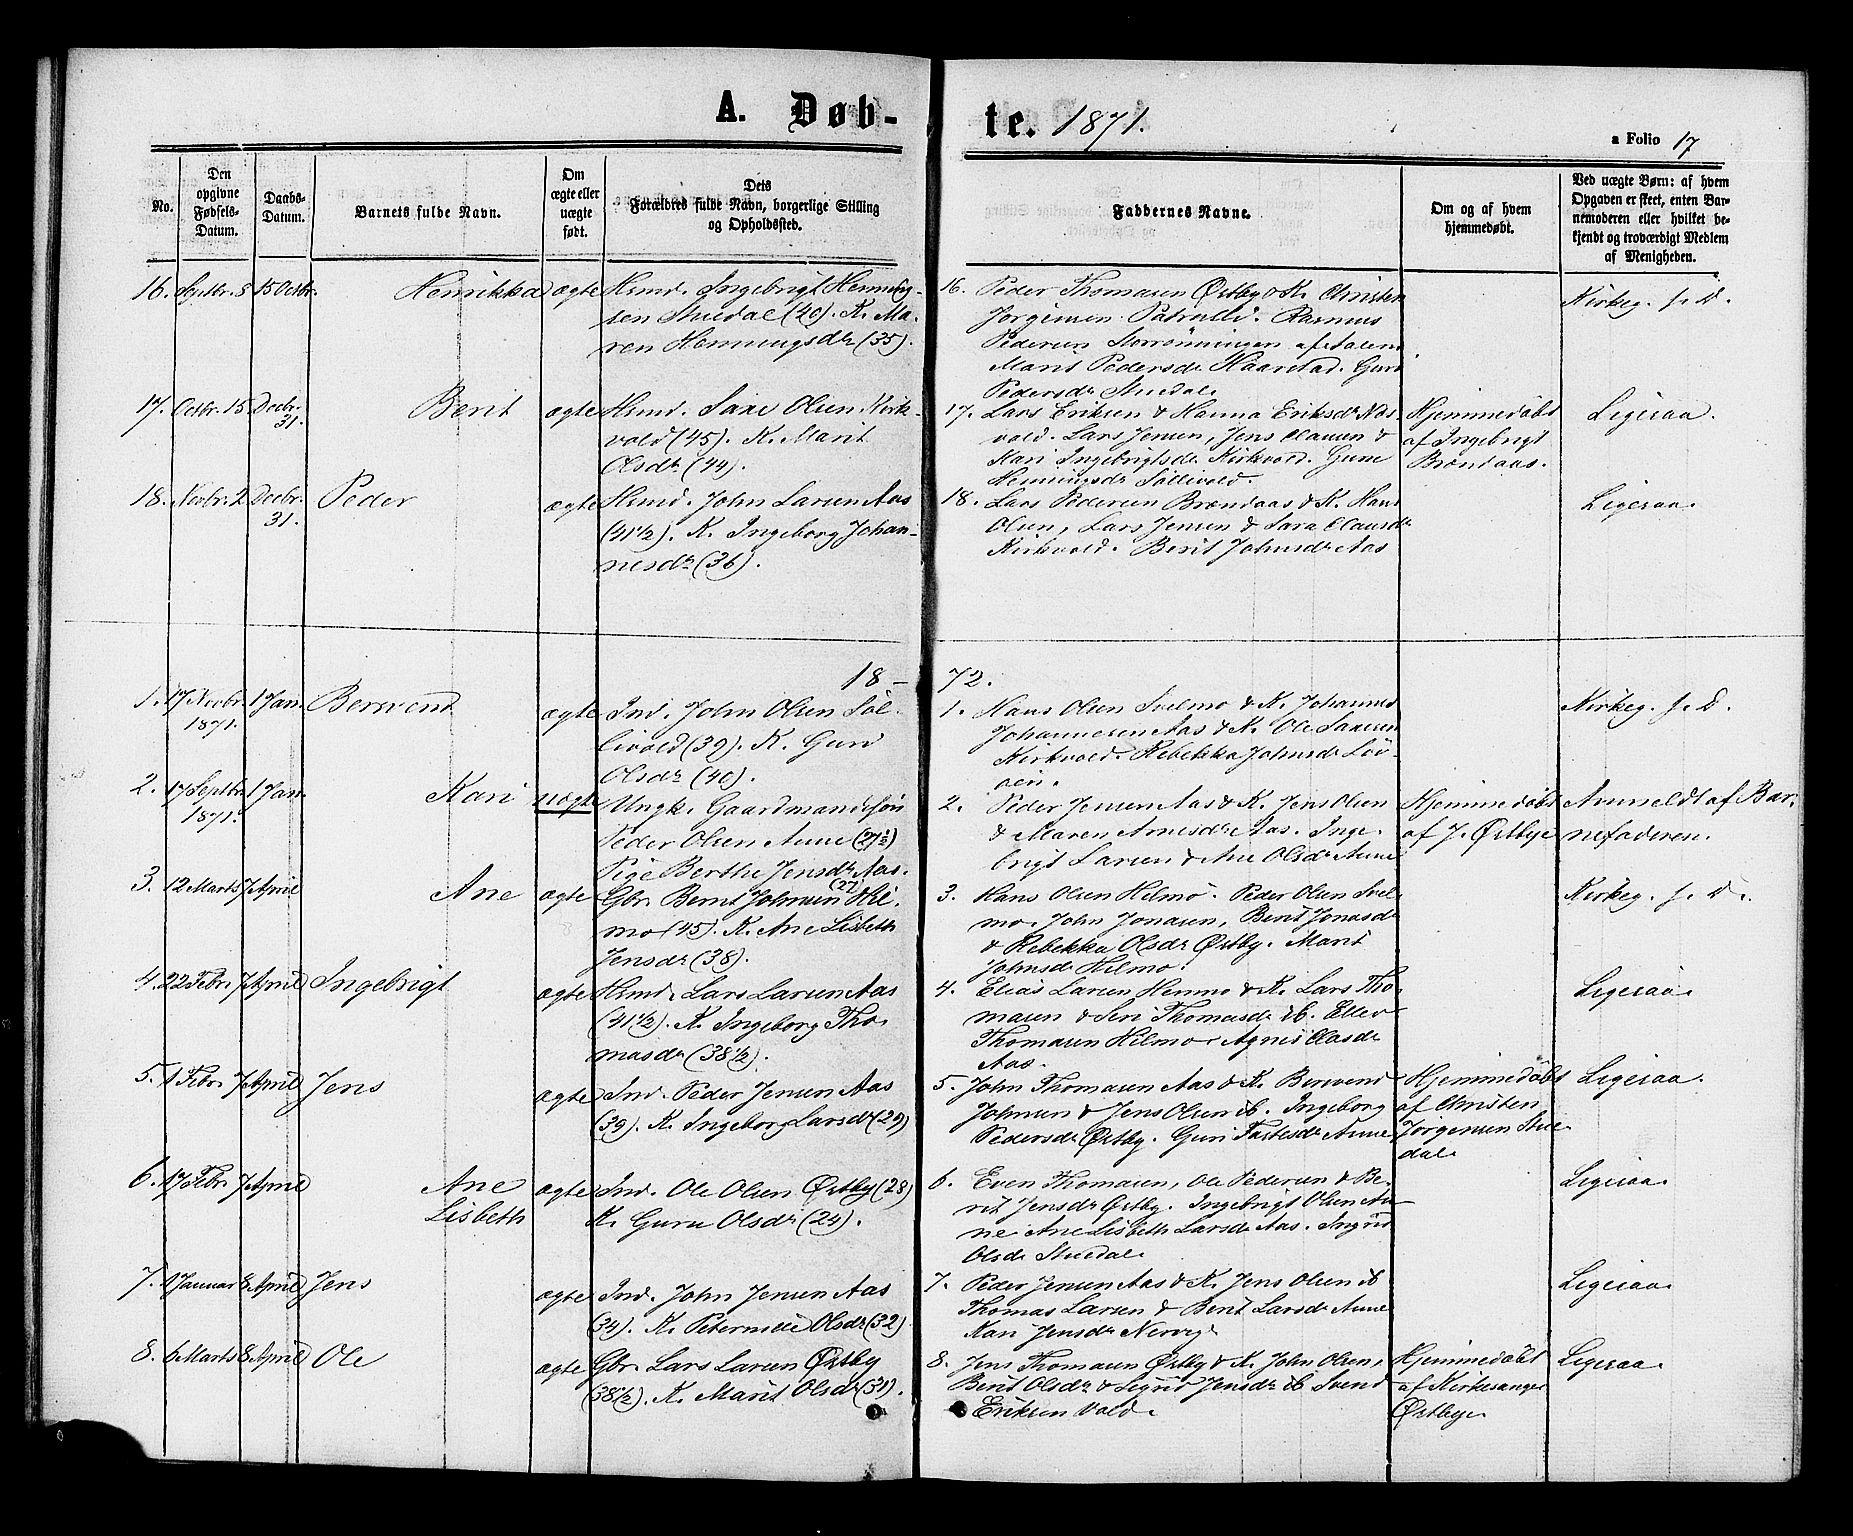 SAT, Ministerialprotokoller, klokkerbøker og fødselsregistre - Sør-Trøndelag, 698/L1163: Ministerialbok nr. 698A01, 1862-1887, s. 17